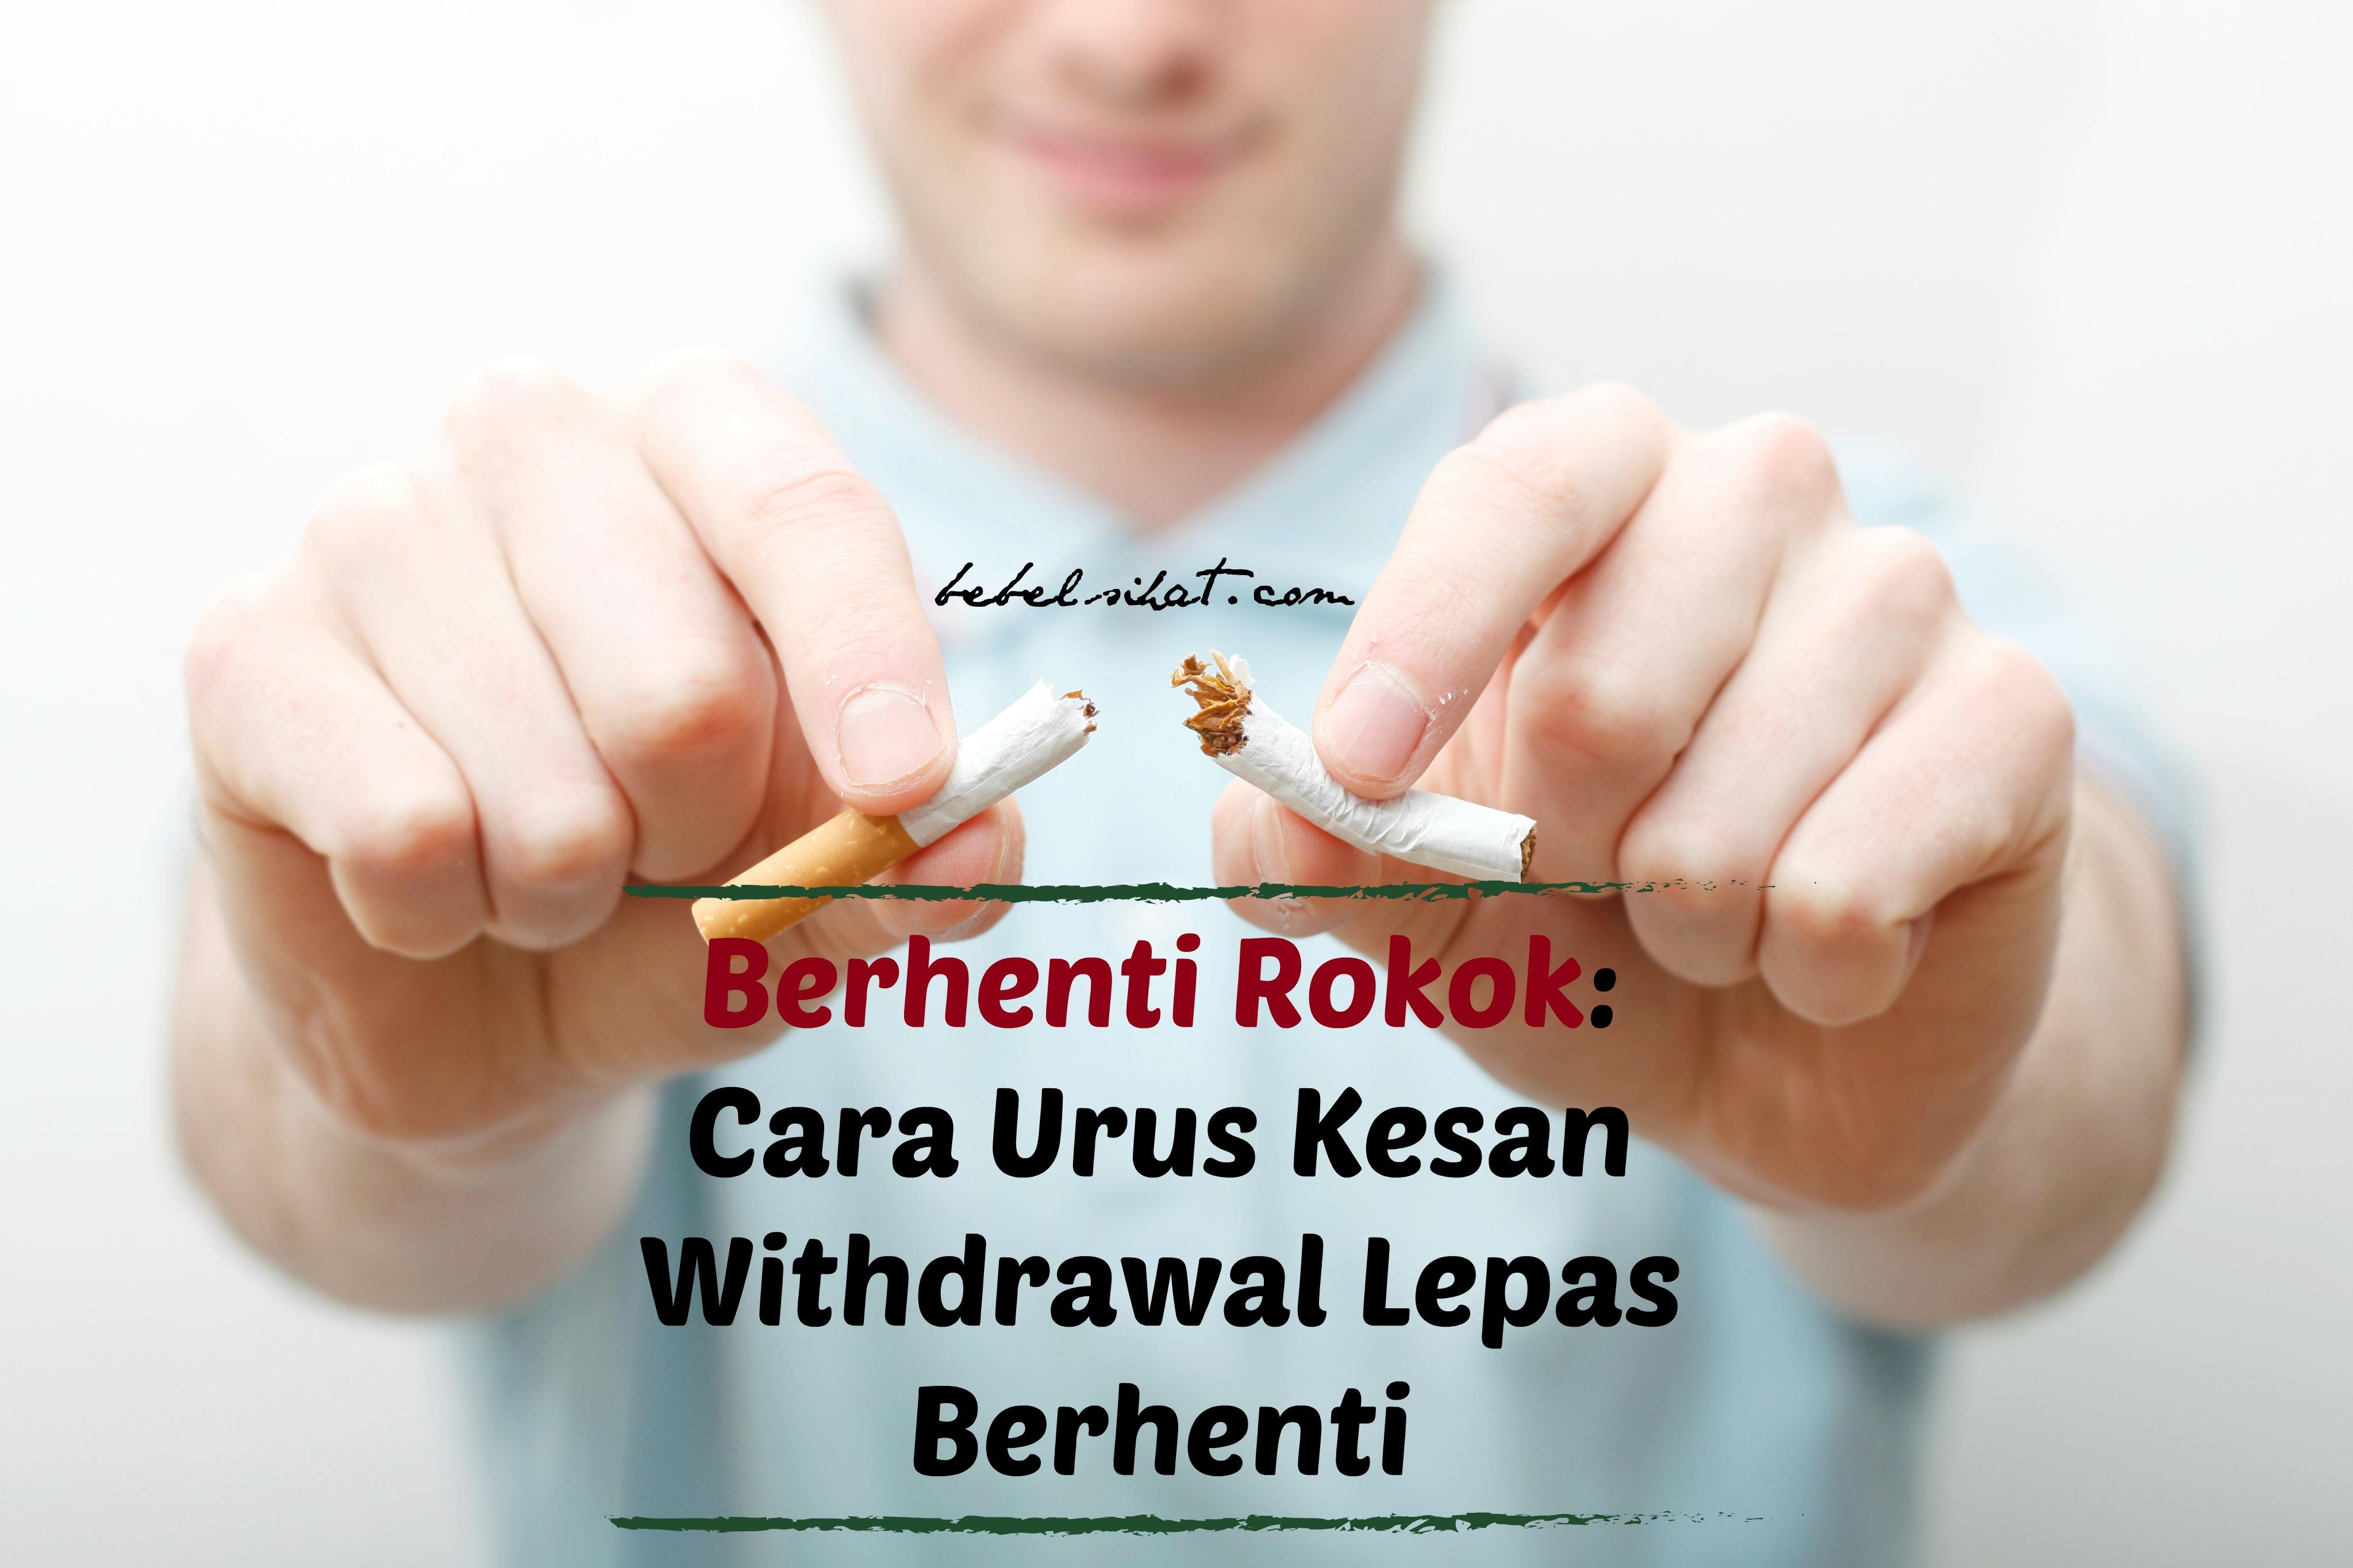 Berhenti Rokok: Cara Urus Kesan Withdrawal Lepas Berhenti